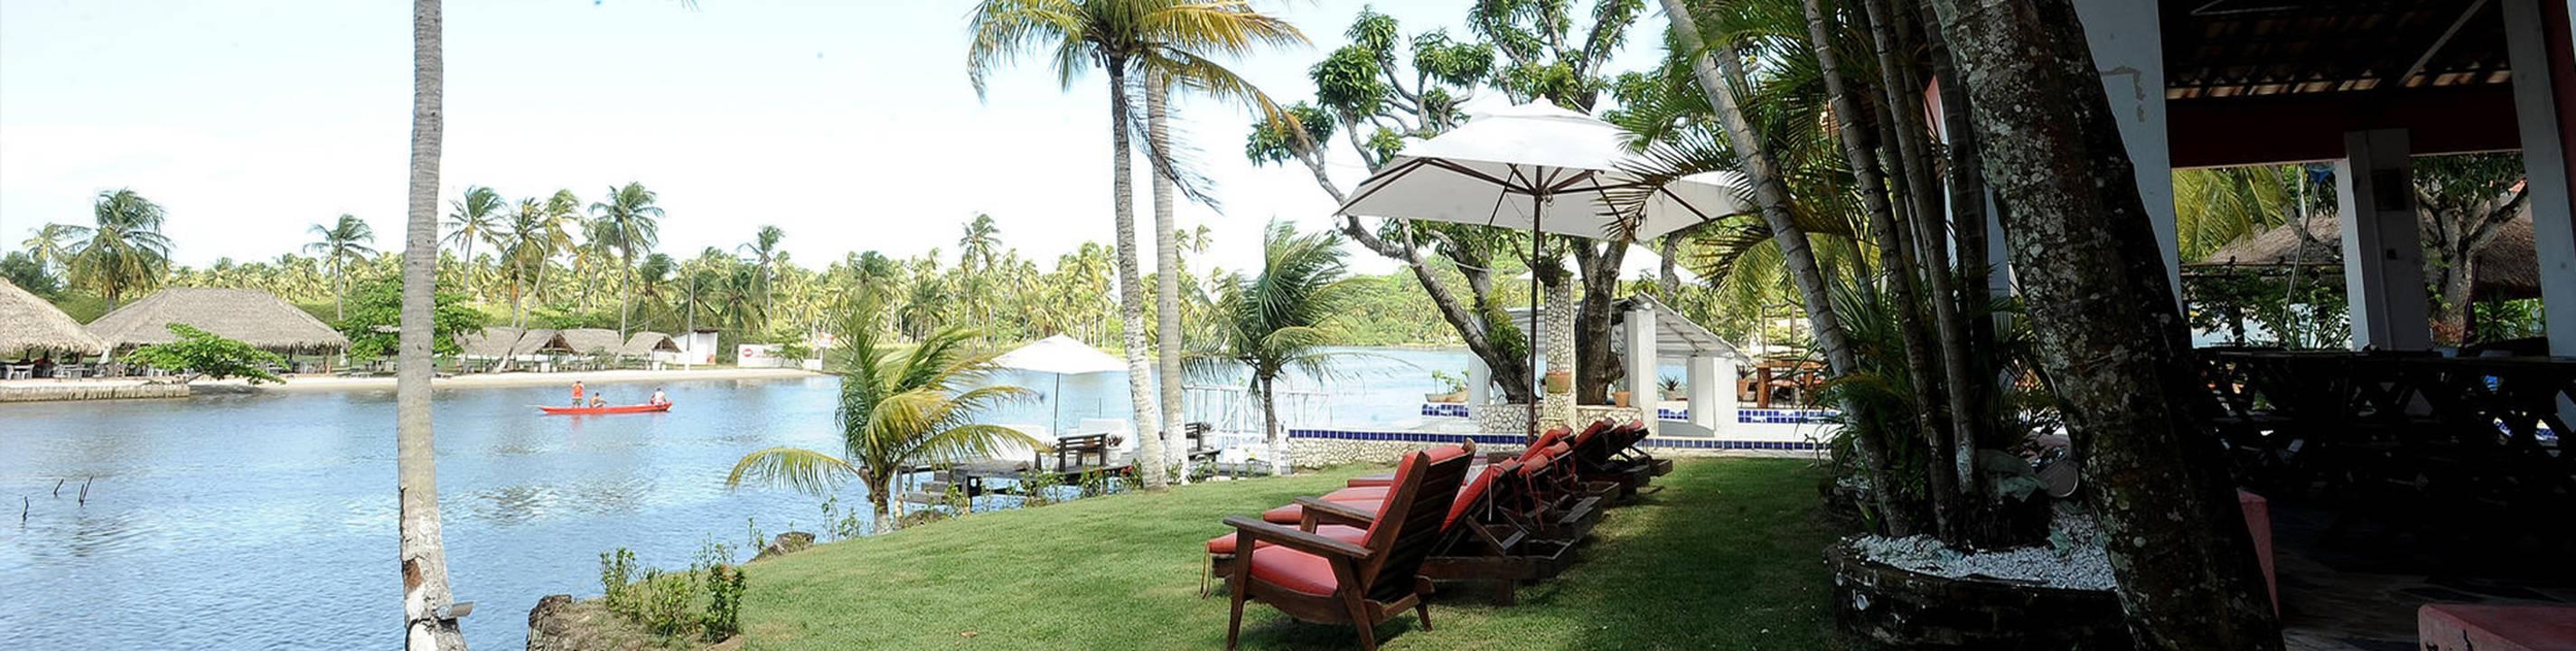 Hotel Pousada Paradiso Tropical